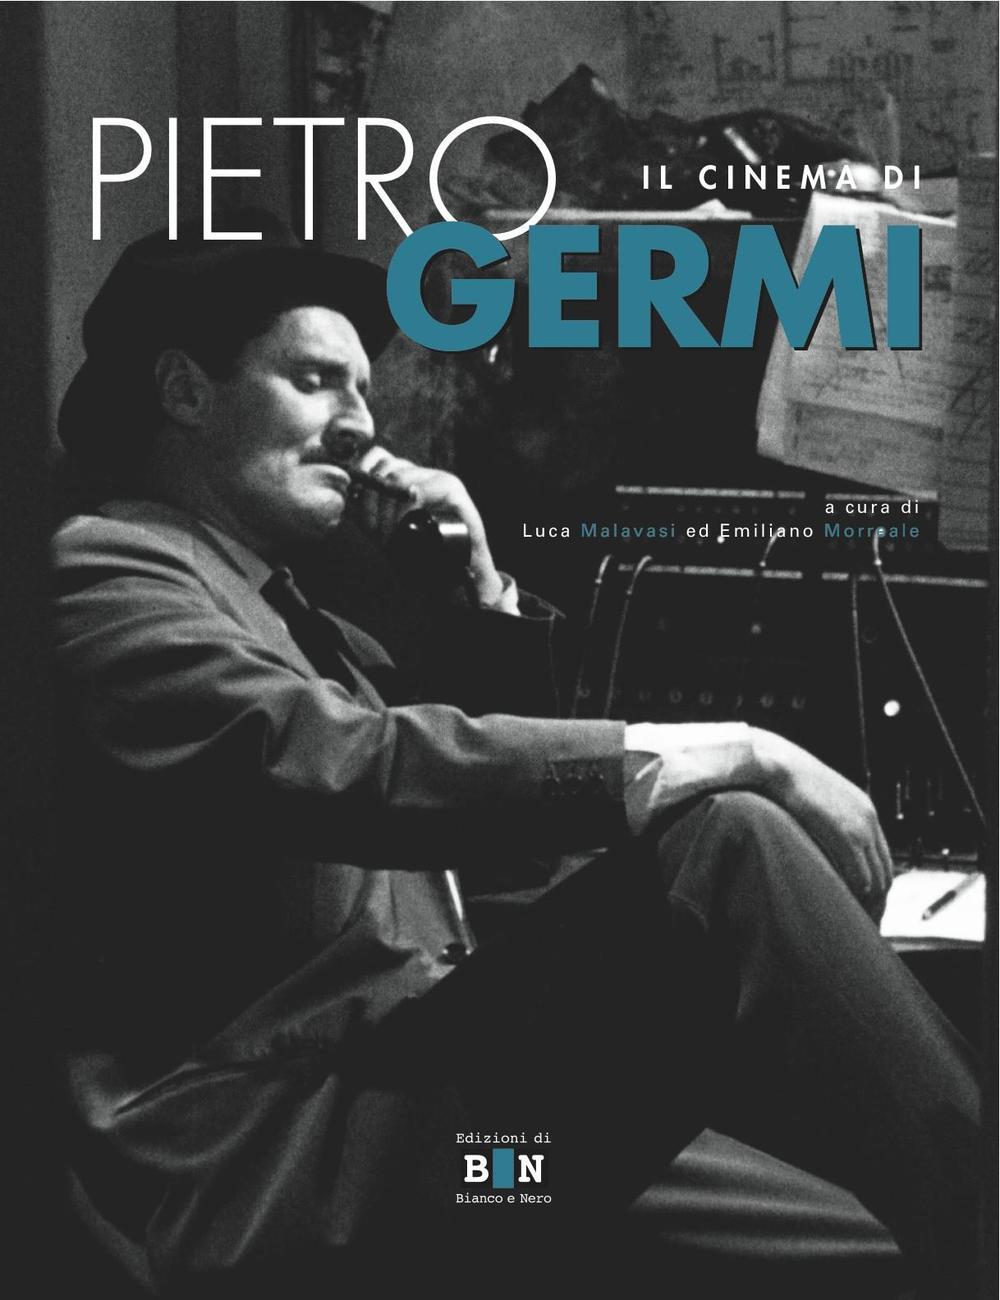 Il cinema di Pietro Germi